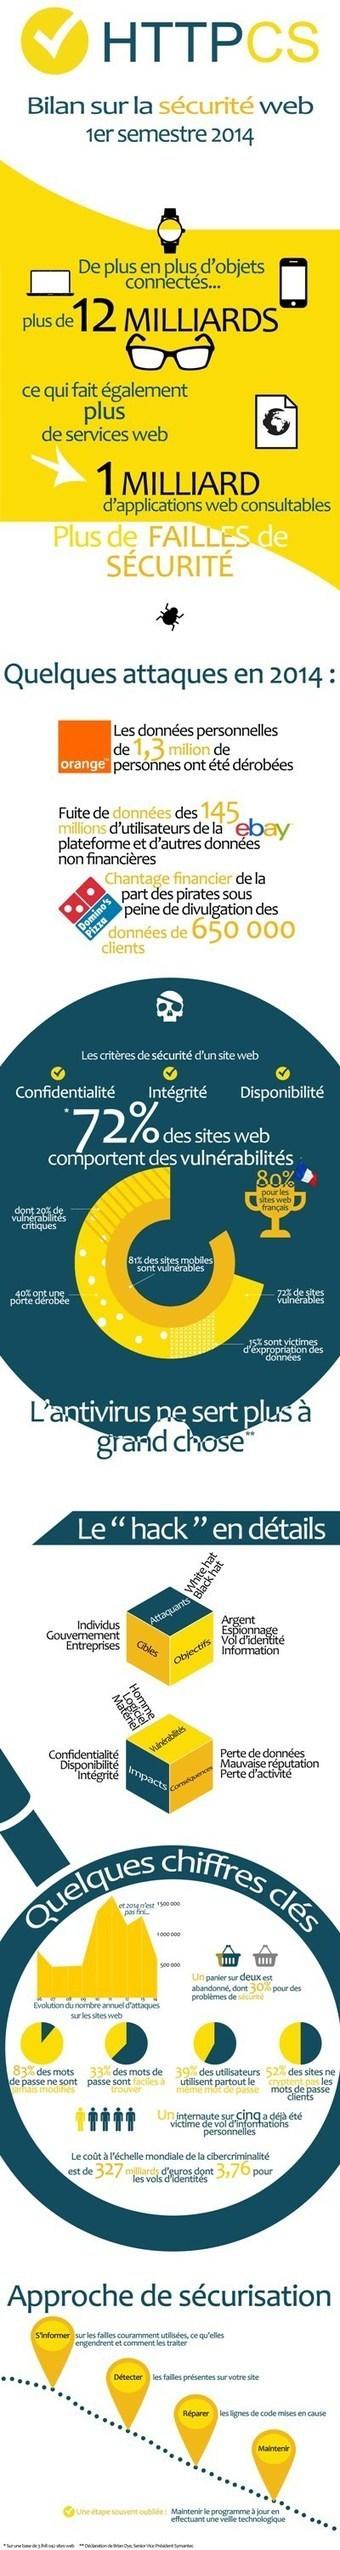 Un bilan inquiétant : déjà 500 000 cyber attaques au cours du premier semestre 2014 | Cyber warfare | Scoop.it